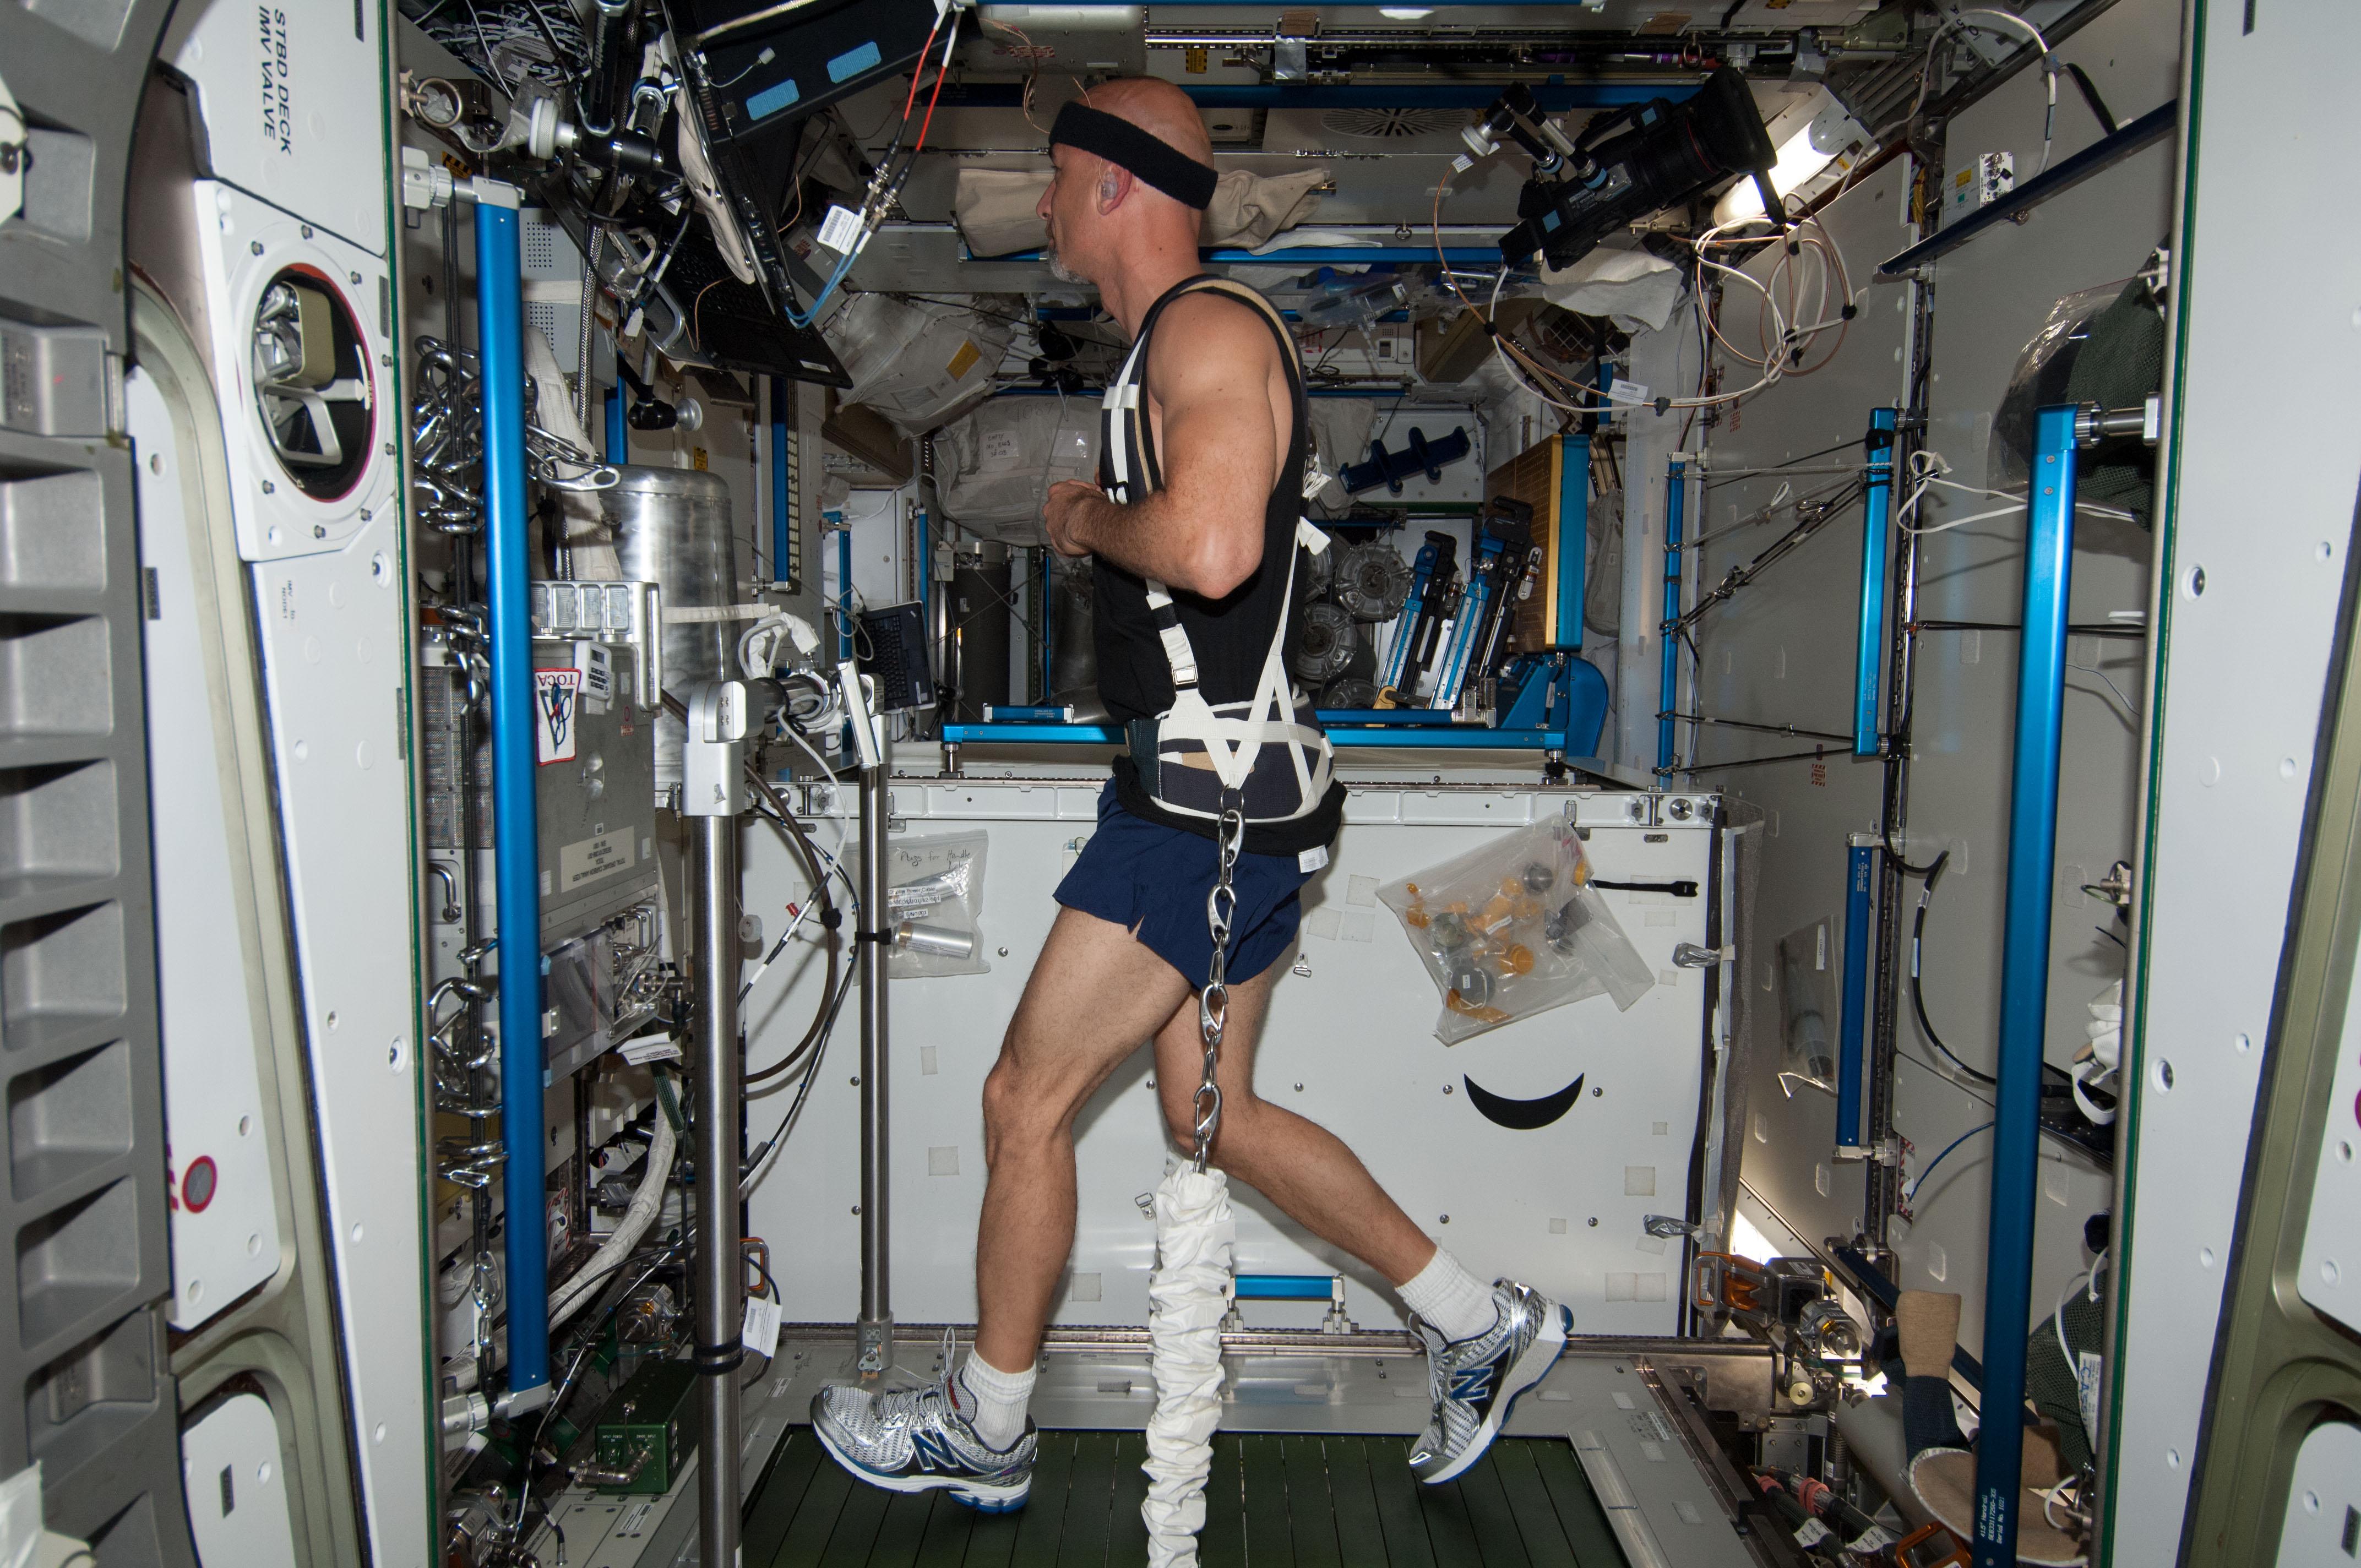 astronaut treadmill workout - photo #5